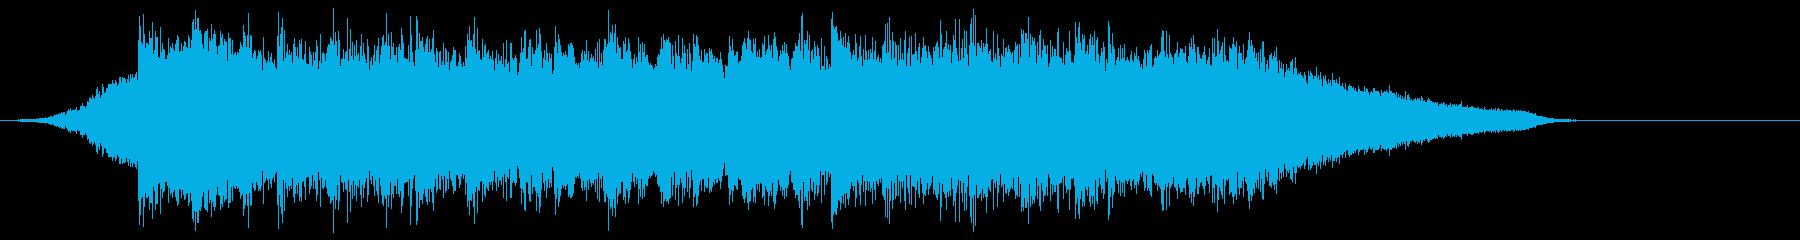 企業VP映像、107オーケストラ、爽快cの再生済みの波形